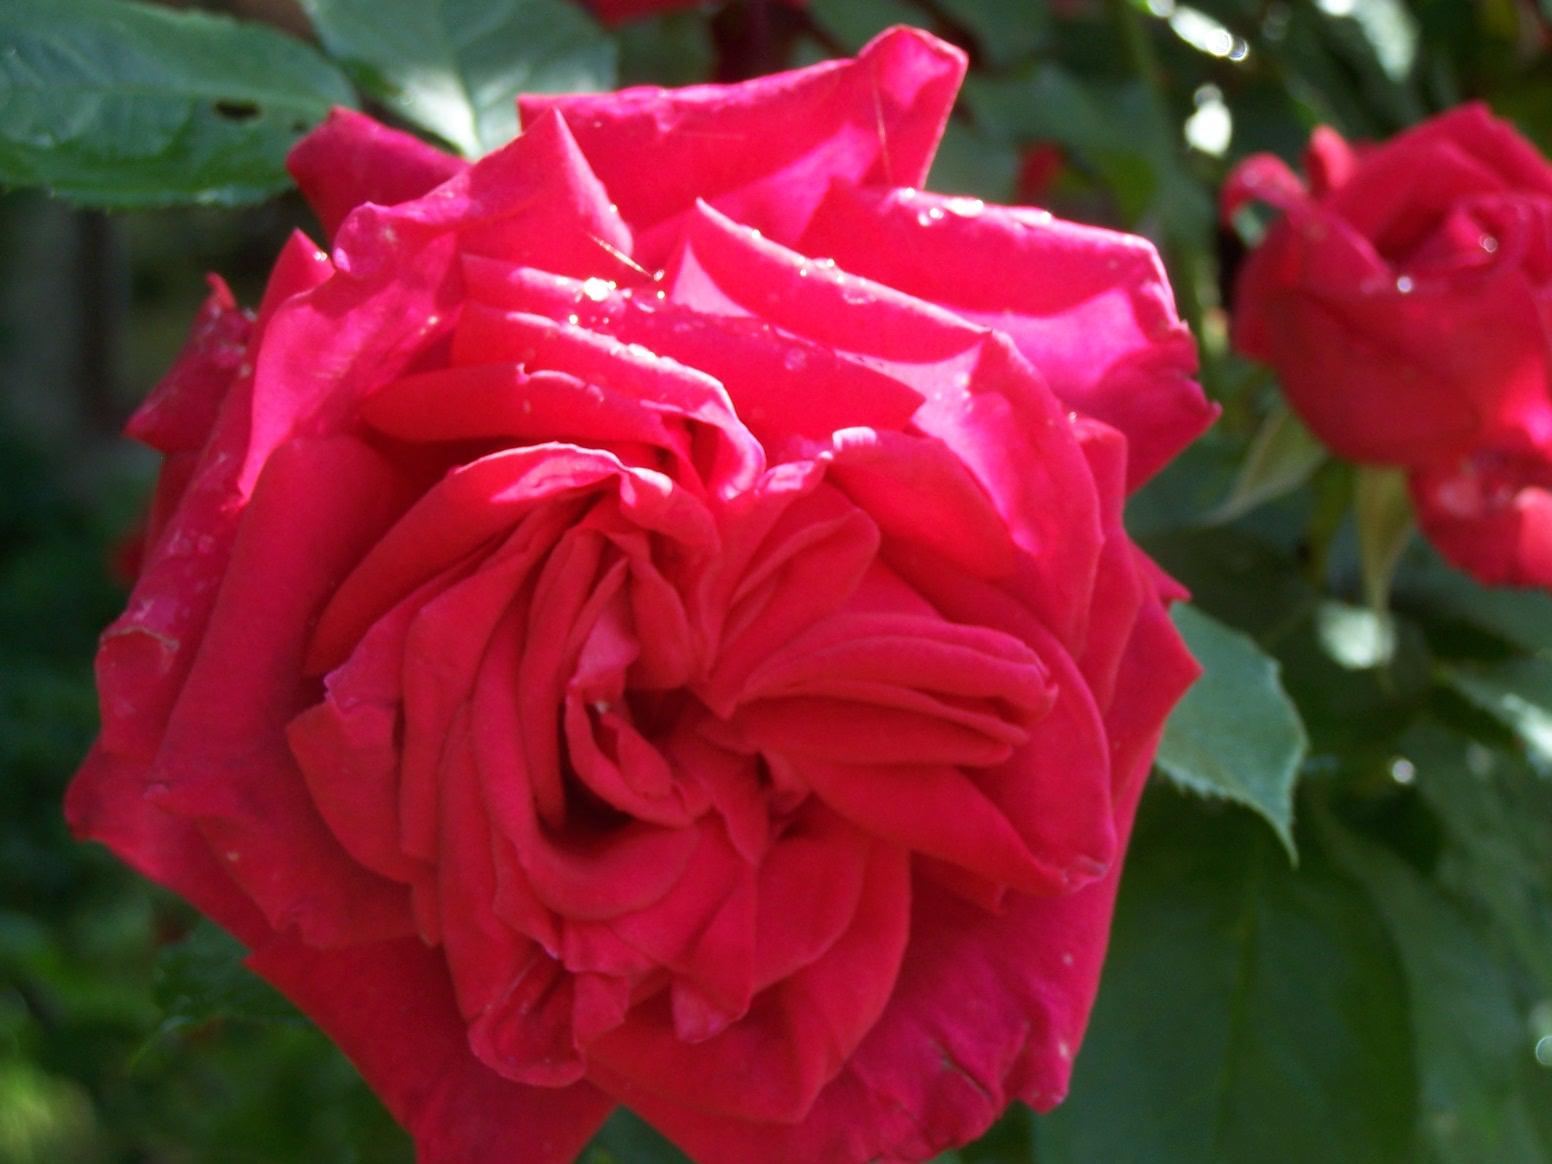 bienvenue dans mon jardin a fill sur sarthe roses coup de coeur. Black Bedroom Furniture Sets. Home Design Ideas